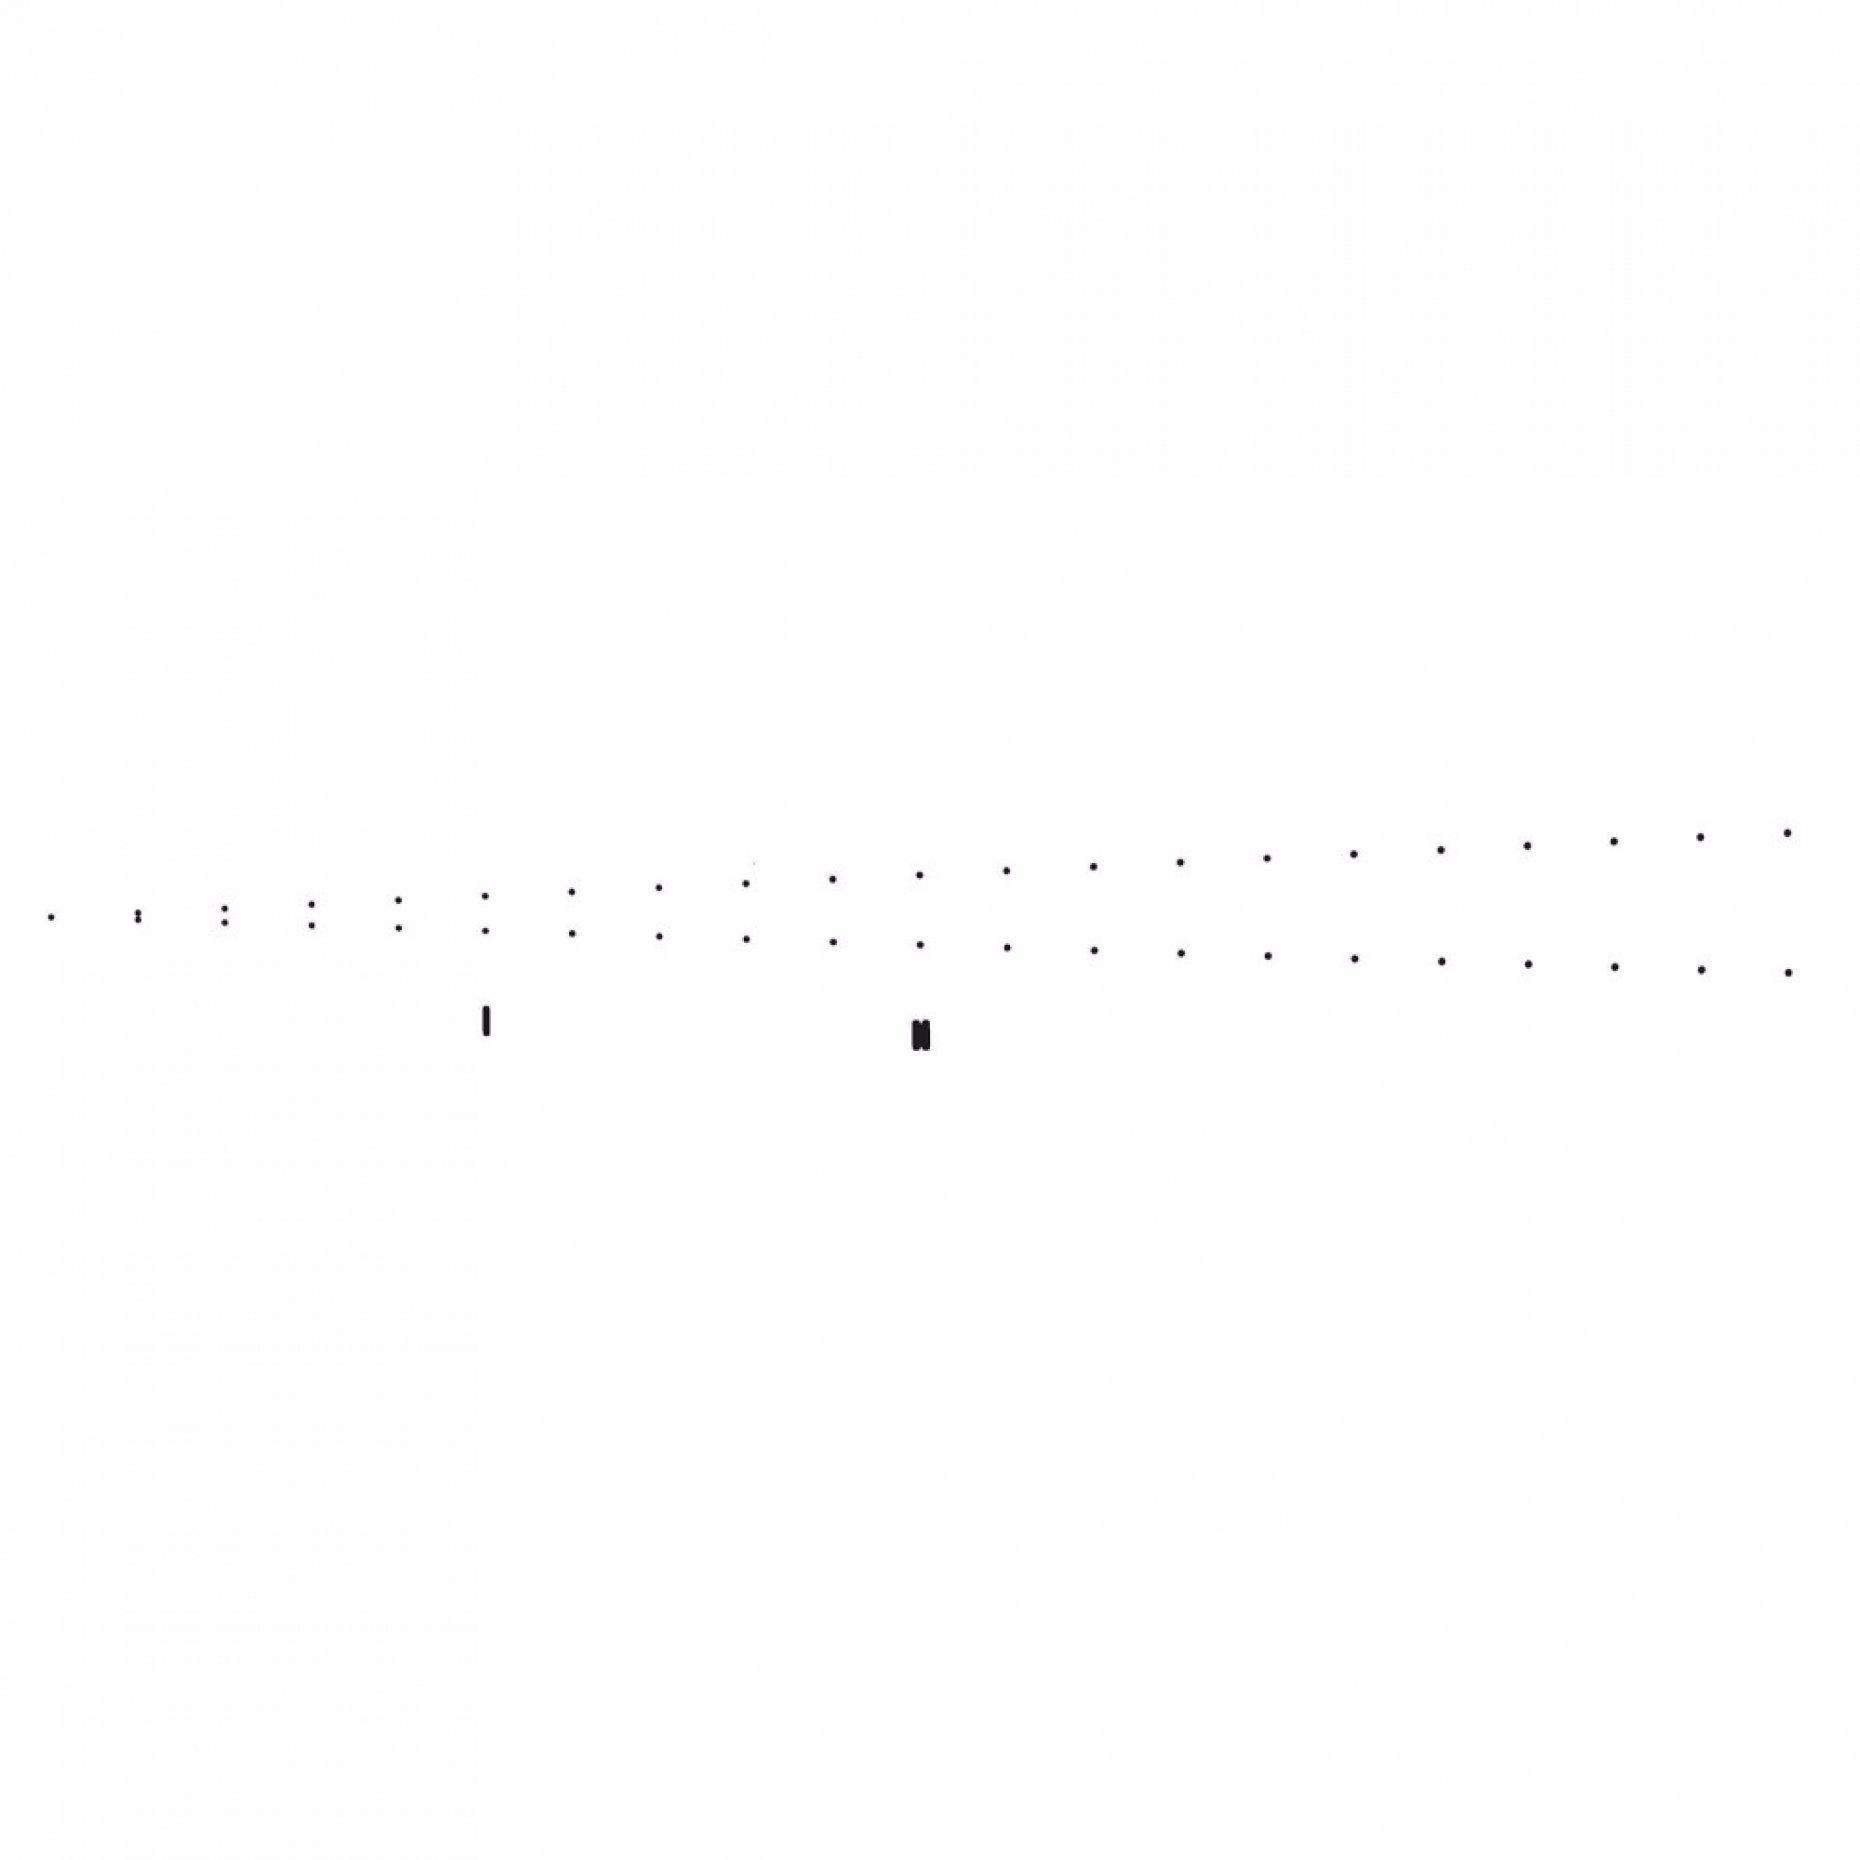 S25 Vibration Test Slide (FOE PPL Dot Pattern) Pattern